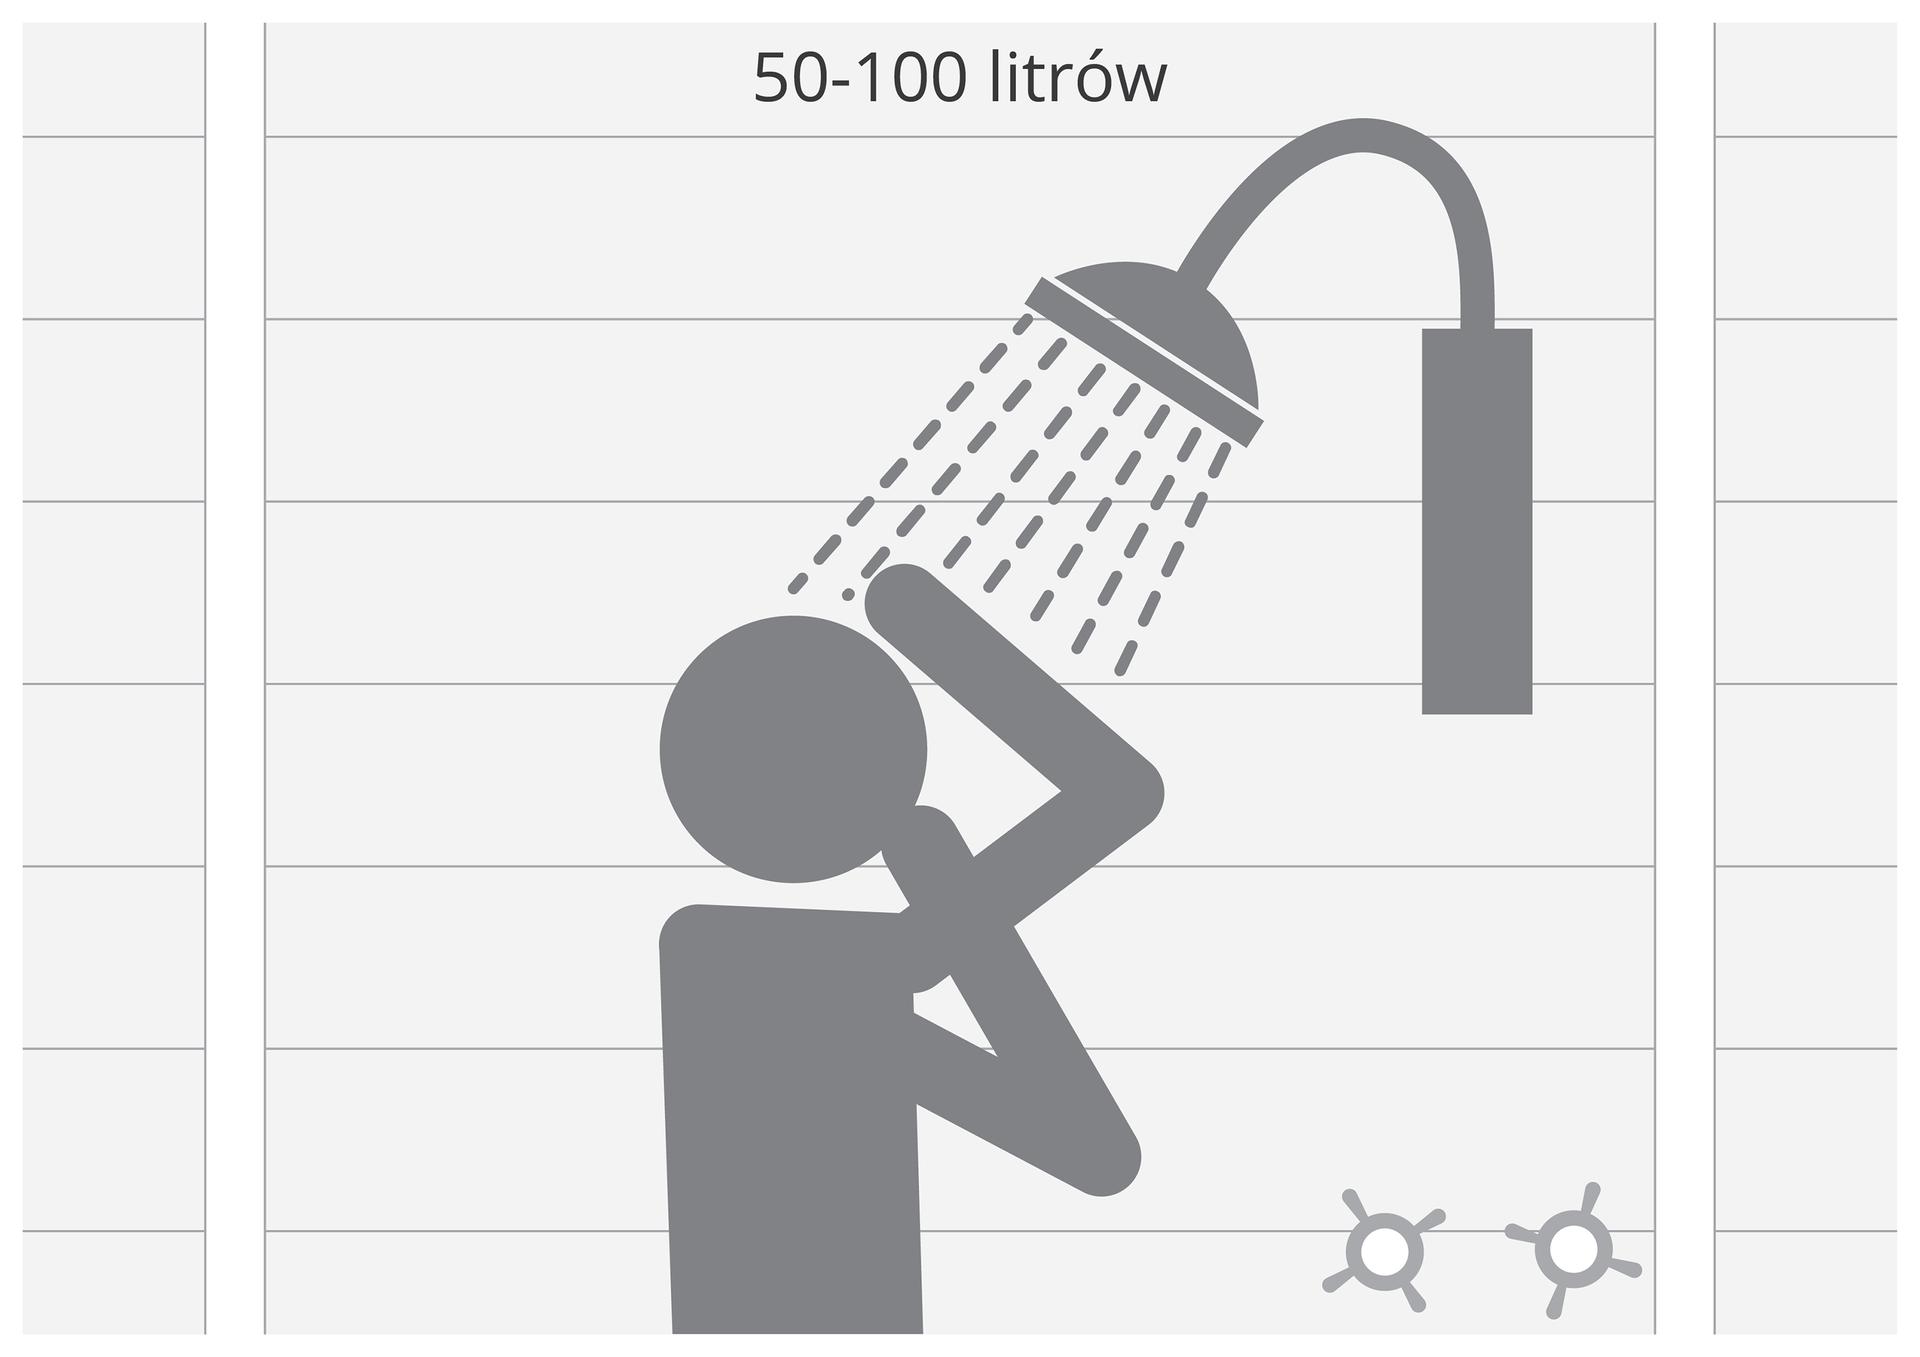 Druga ilustracja wgalerii. Przedstawia czarno biały symboliczny rysunek człowieka biorącego prysznic. Nad prysznicem napis: od 50 do 100 litrów.